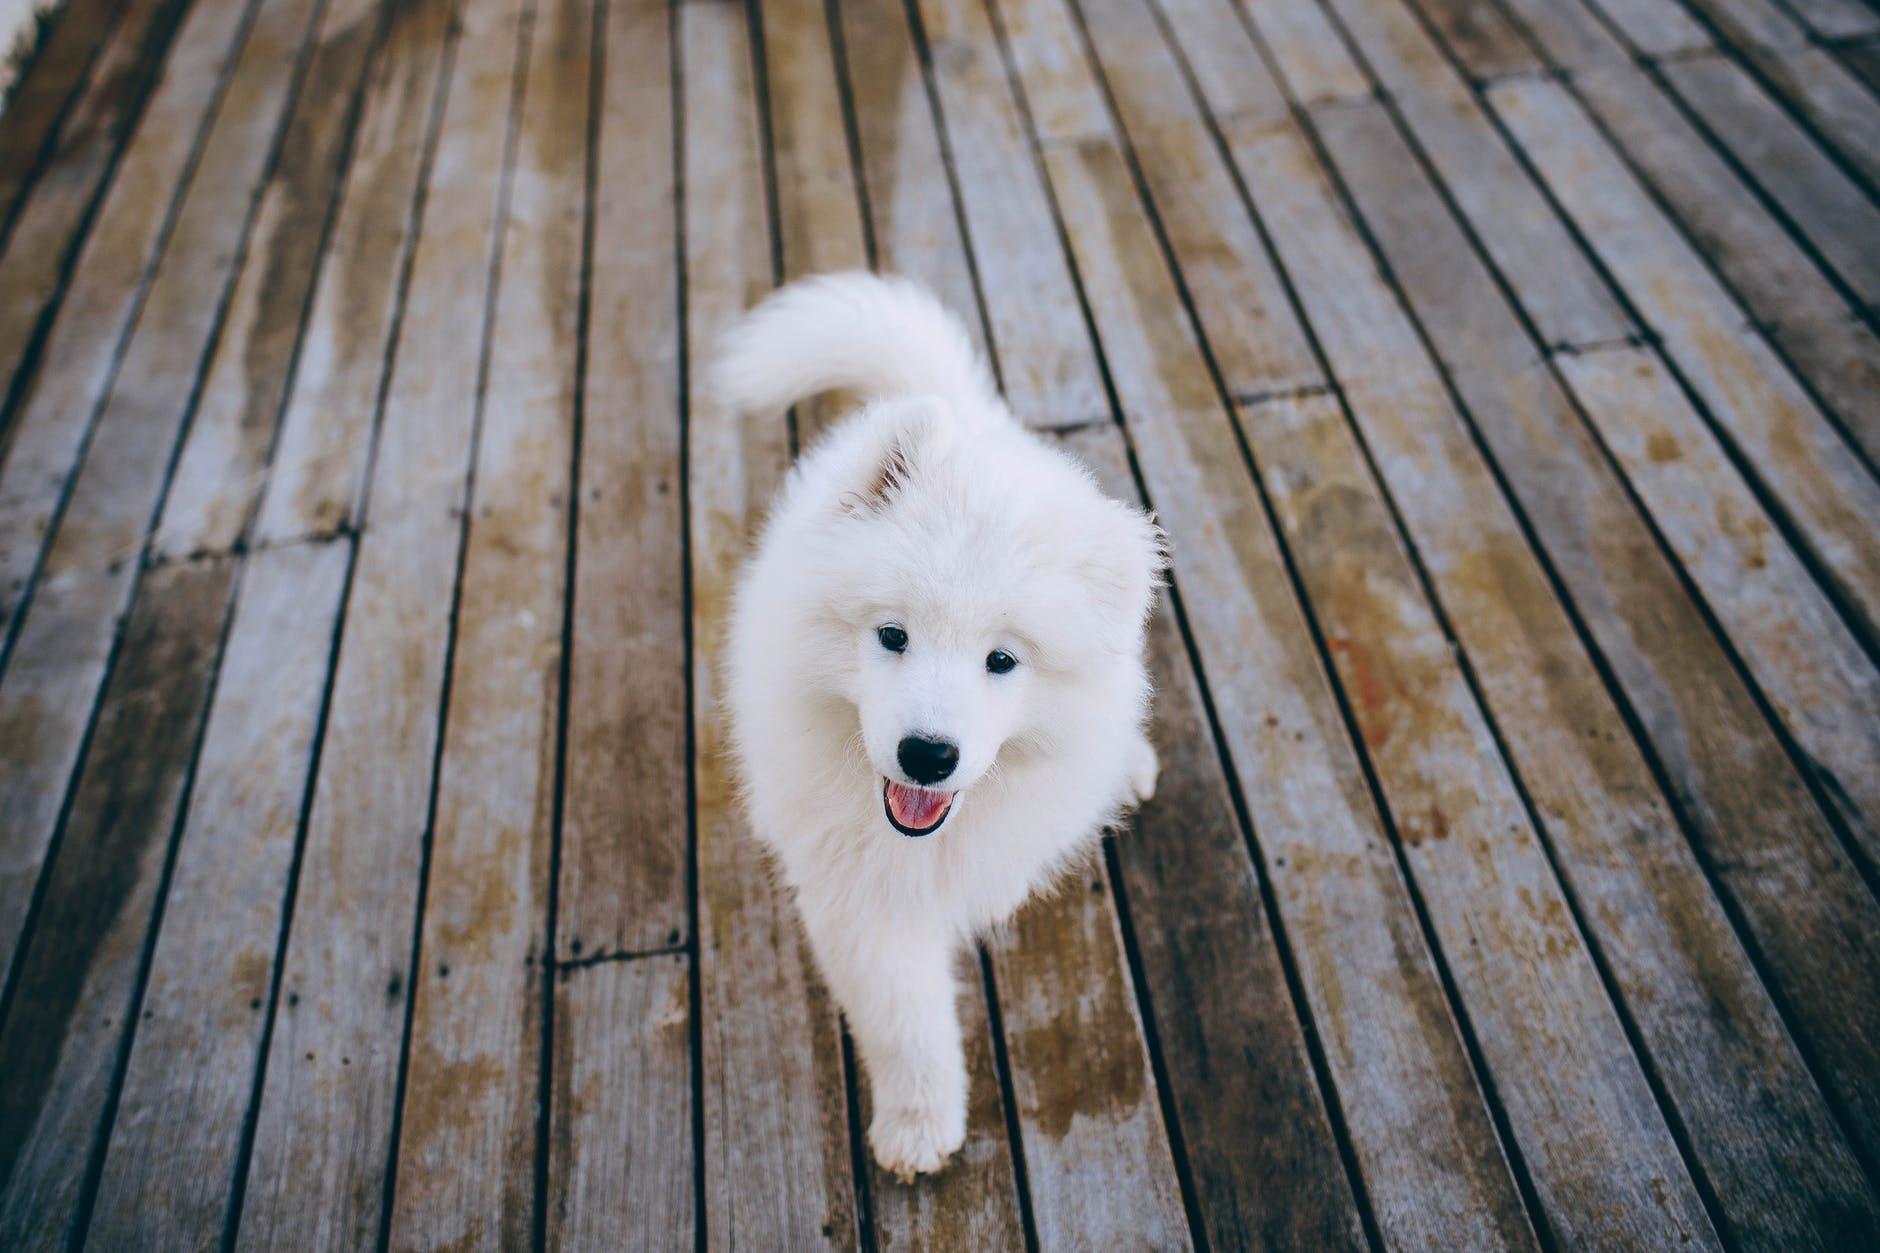 Smiling Samoyed dog on wooden flooring